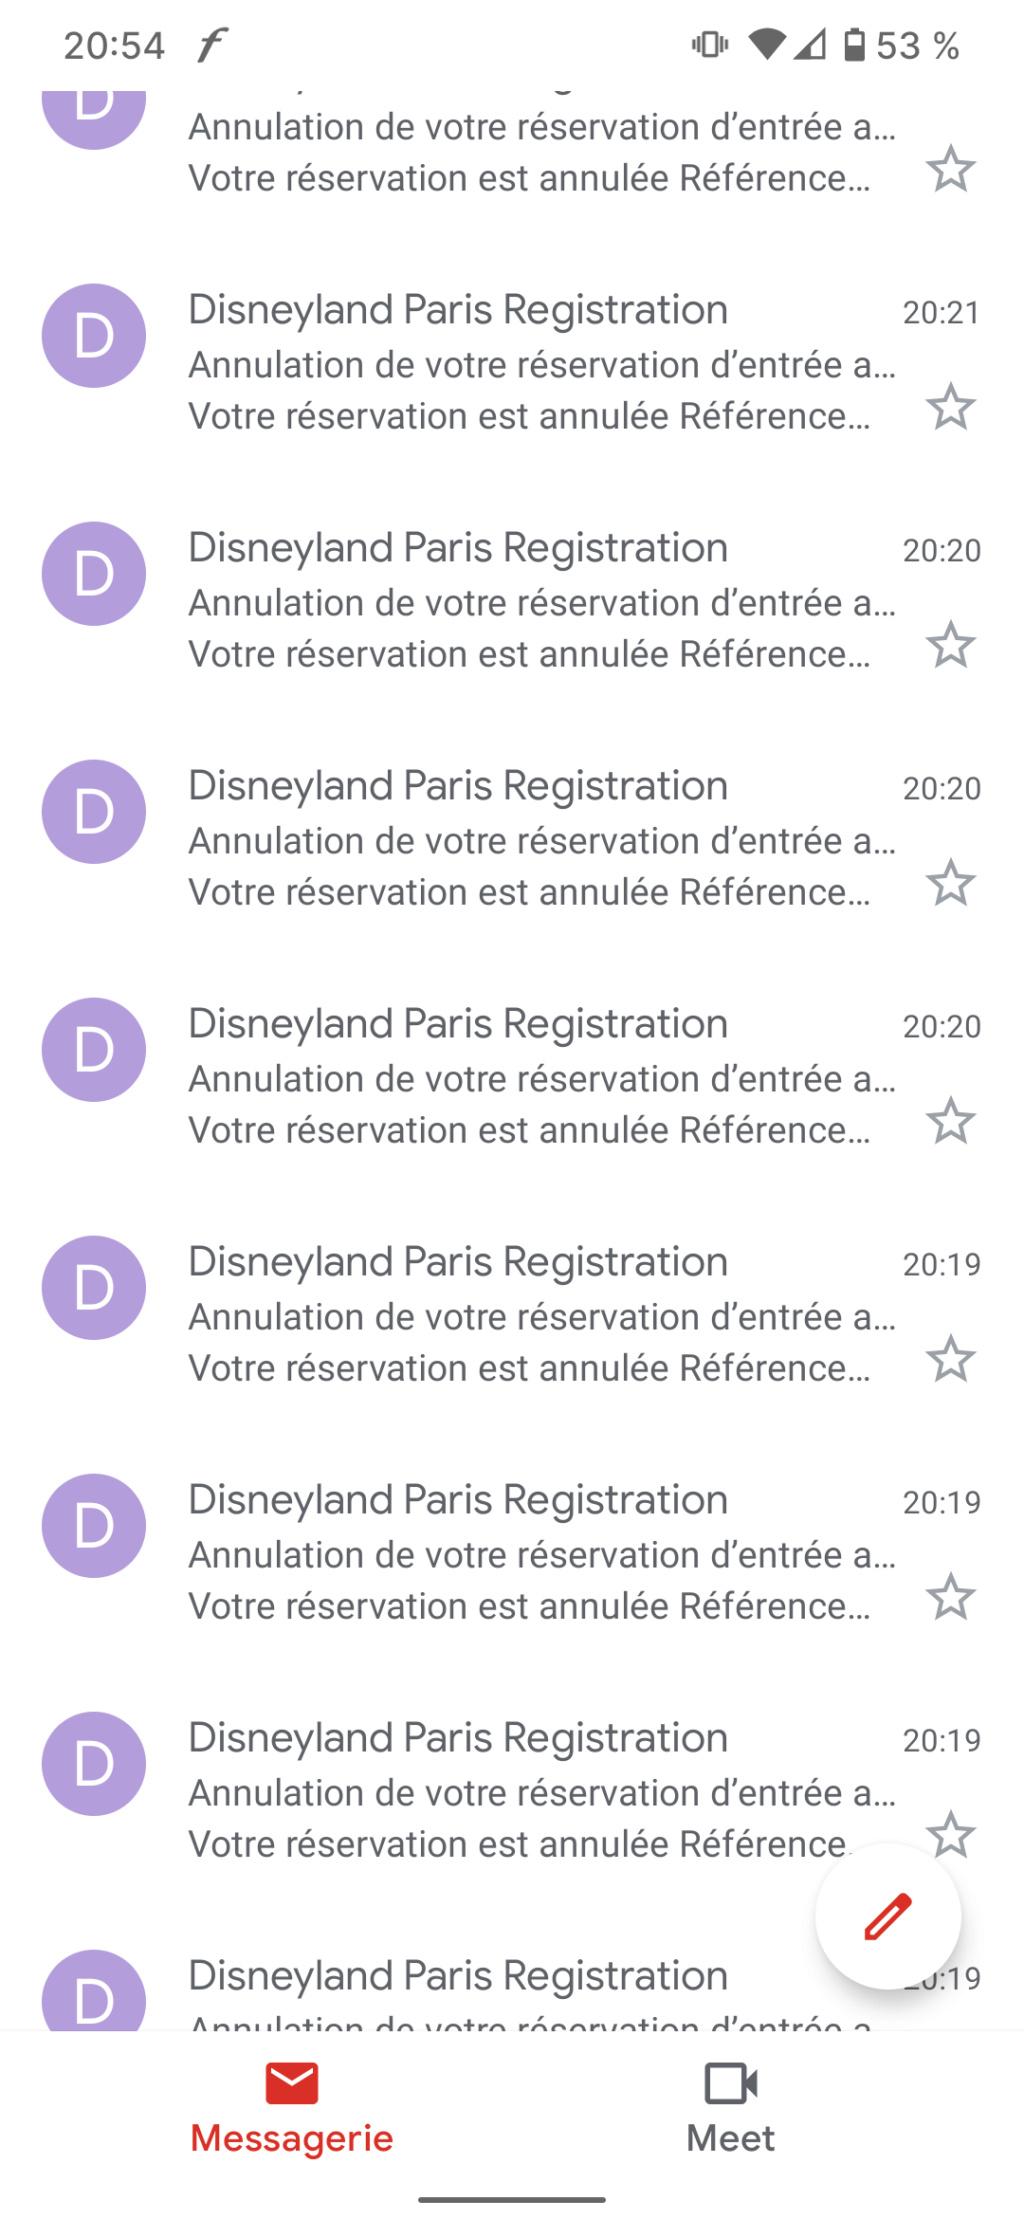 Pass Annuels et réouverture de Disneyland Paris le 15 juin 2021  - Page 3 Screen10